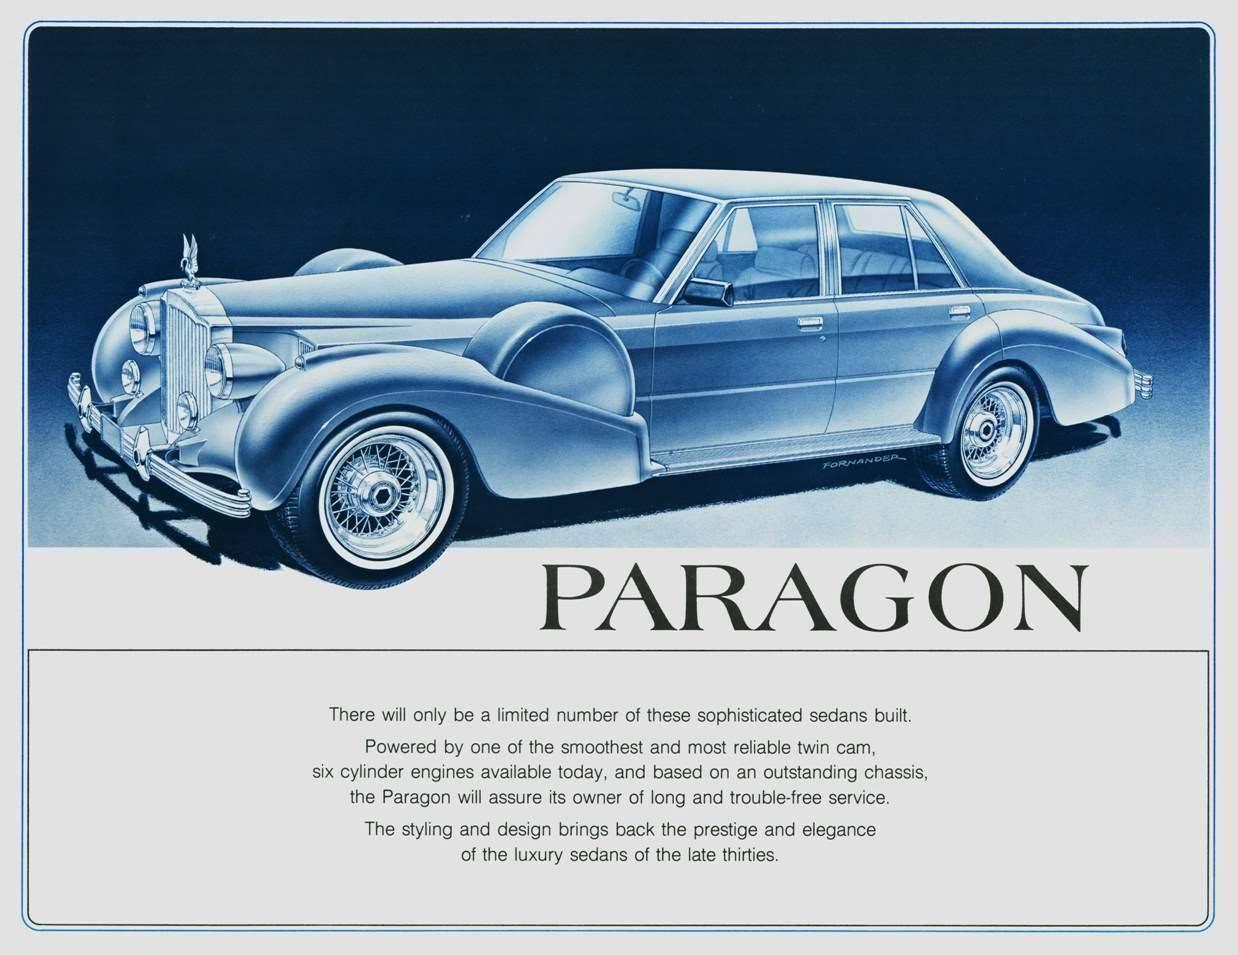 1985 PACKARD-PARAGON ADVERT